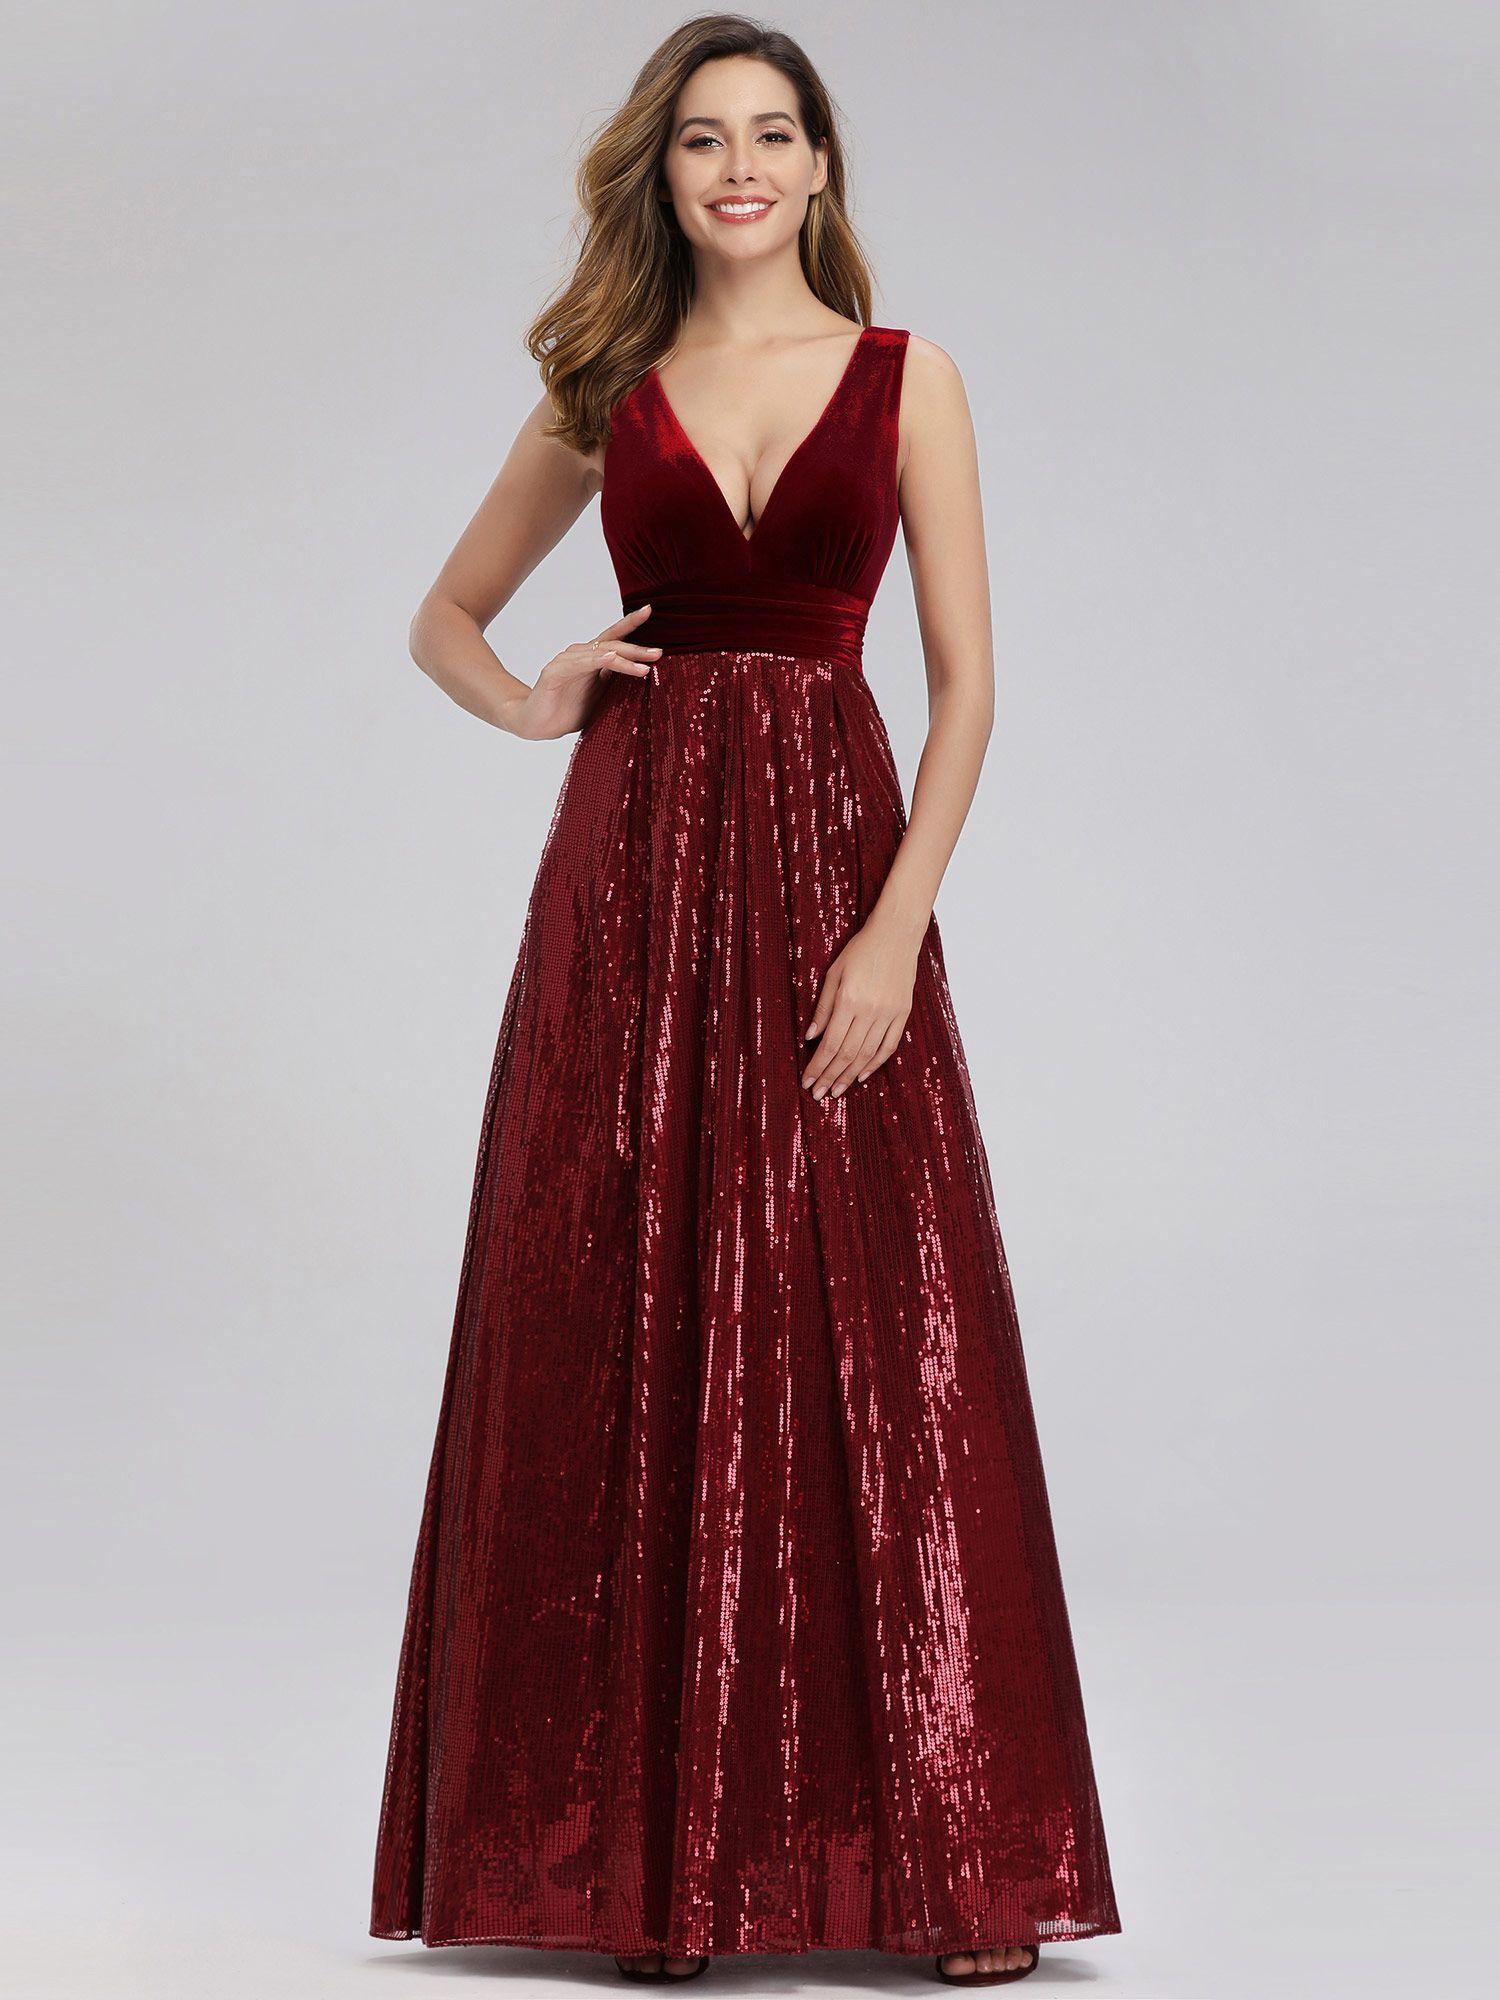 Ever Pretty Ever Pretty Women S V Neck Formal Evening Dresses For Women 00808 Us4 Walmart Com Evening Dresses Burgundy Bridesmaid Dresses Maxi Dress Party [ 2000 x 1500 Pixel ]